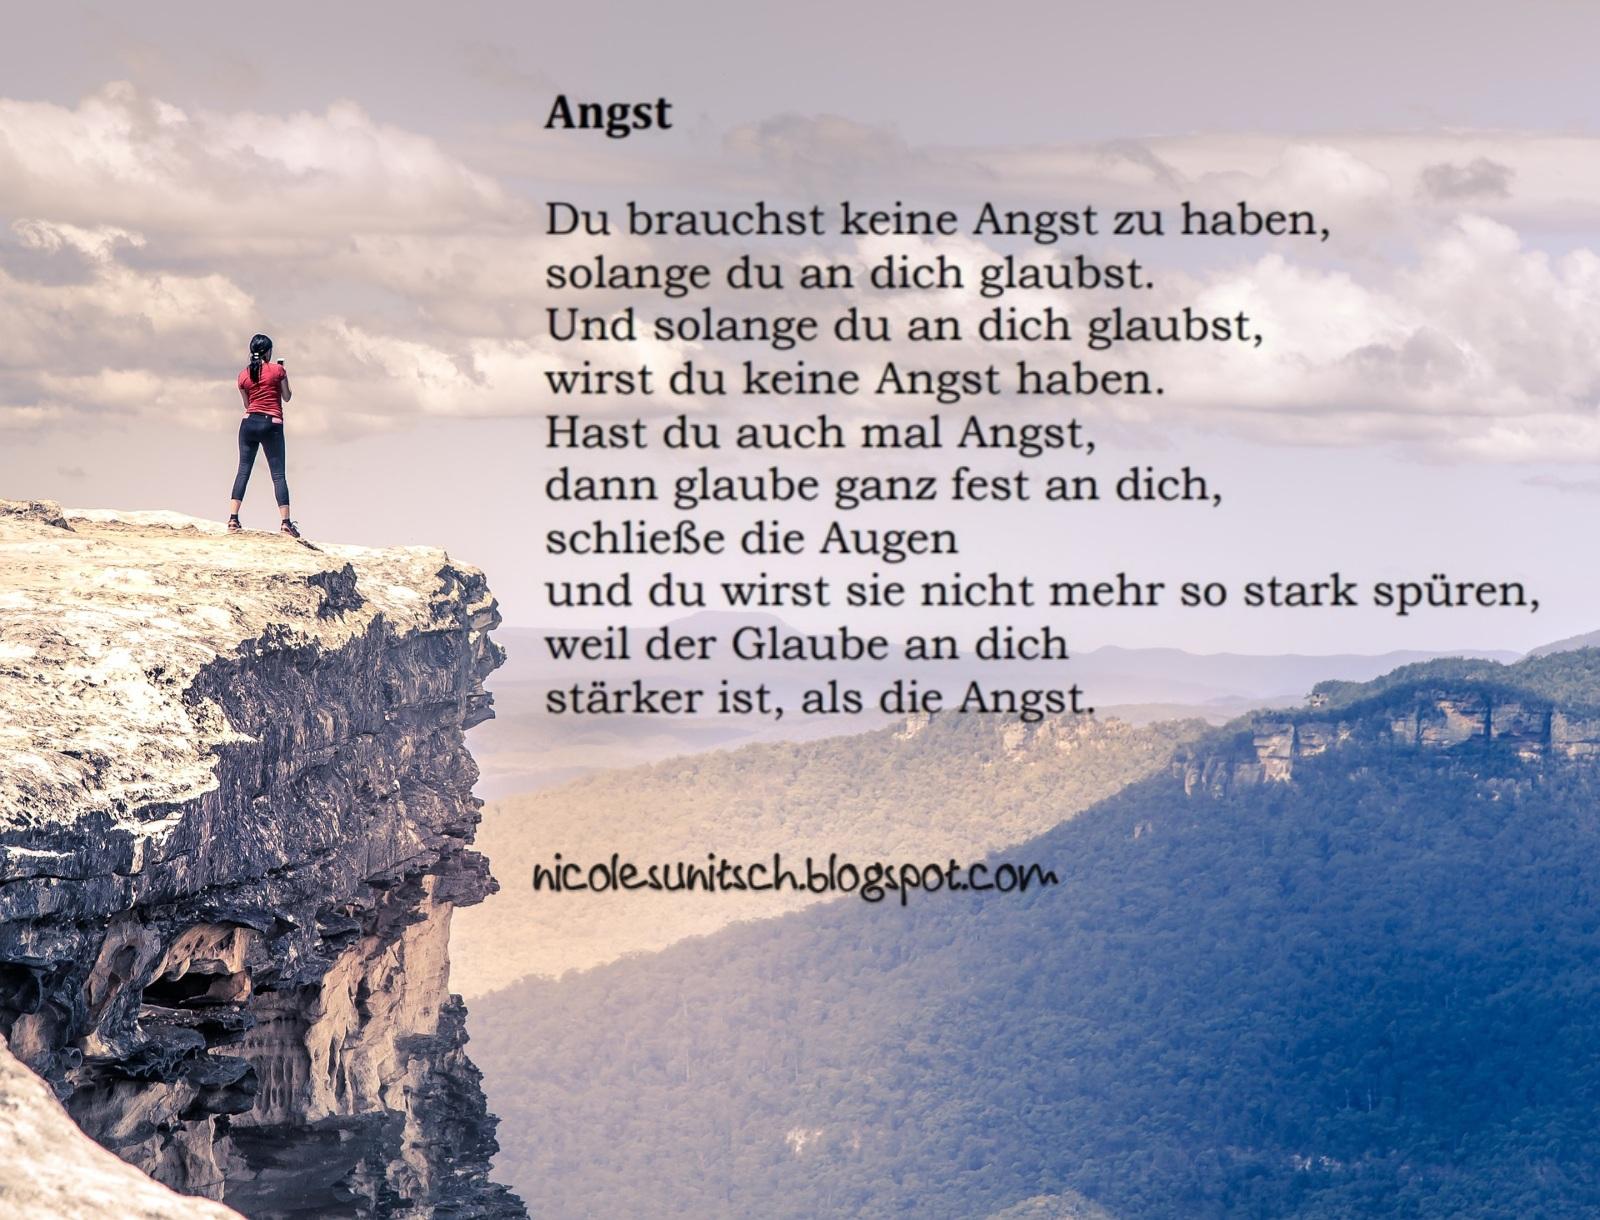 Gedichte Von Nicole Sunitsch Autorin Spruche Angst Aus Dem